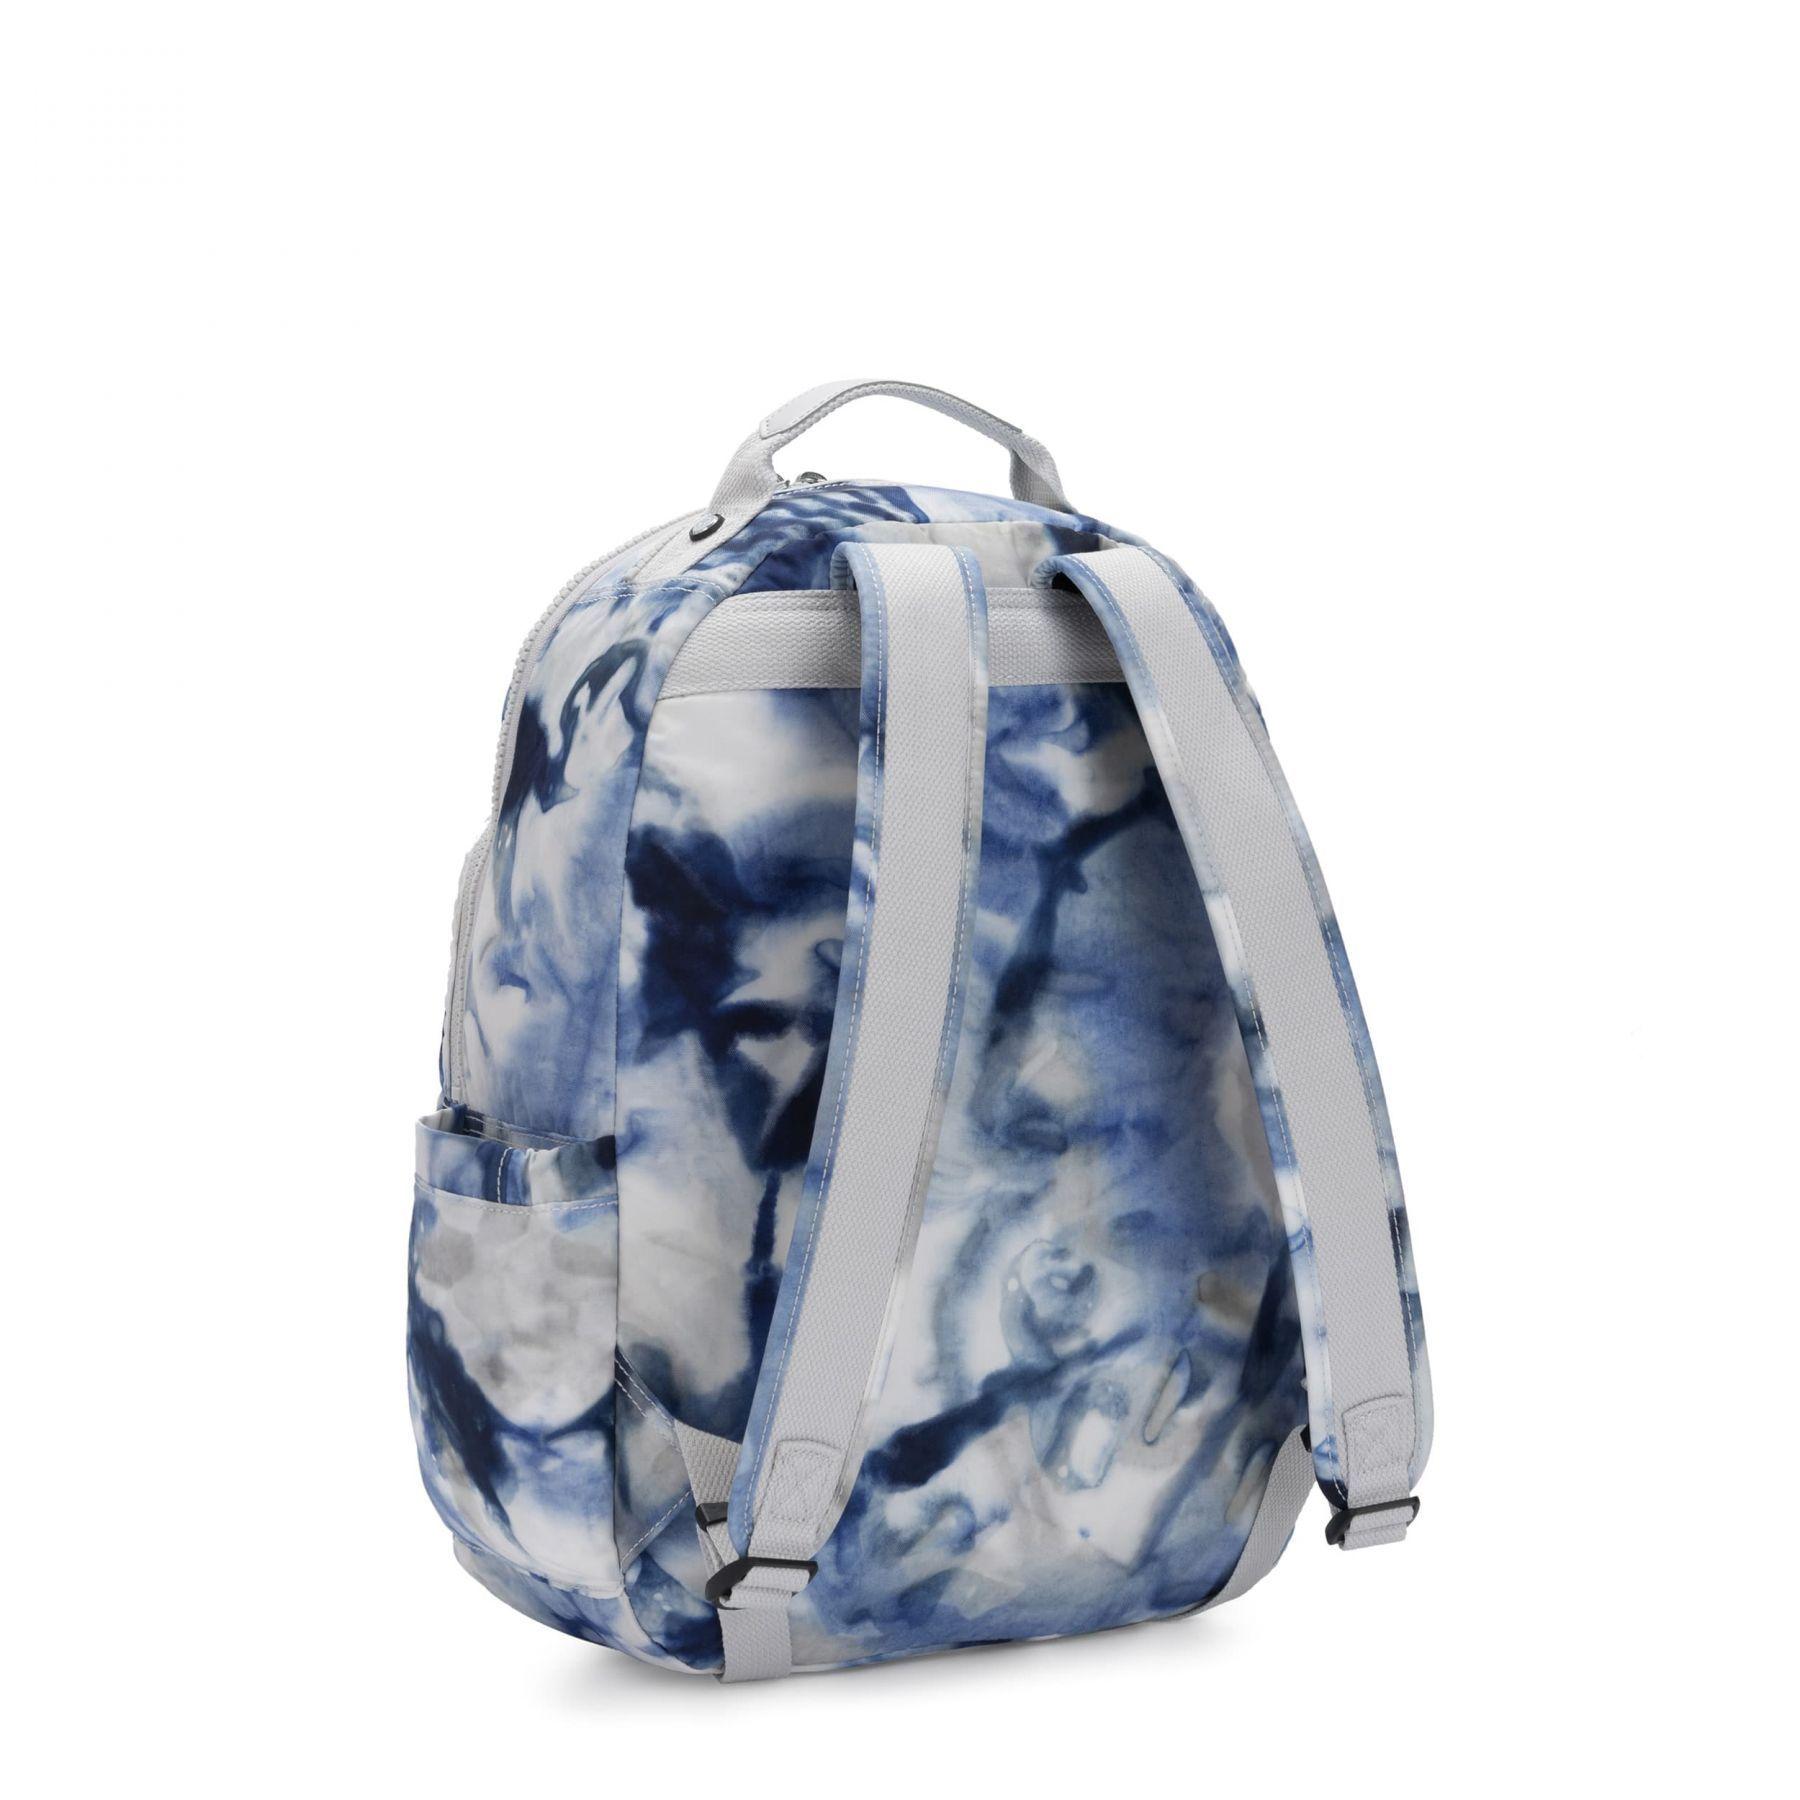 Mochila Kipling Seoul  Tie Dye Blue